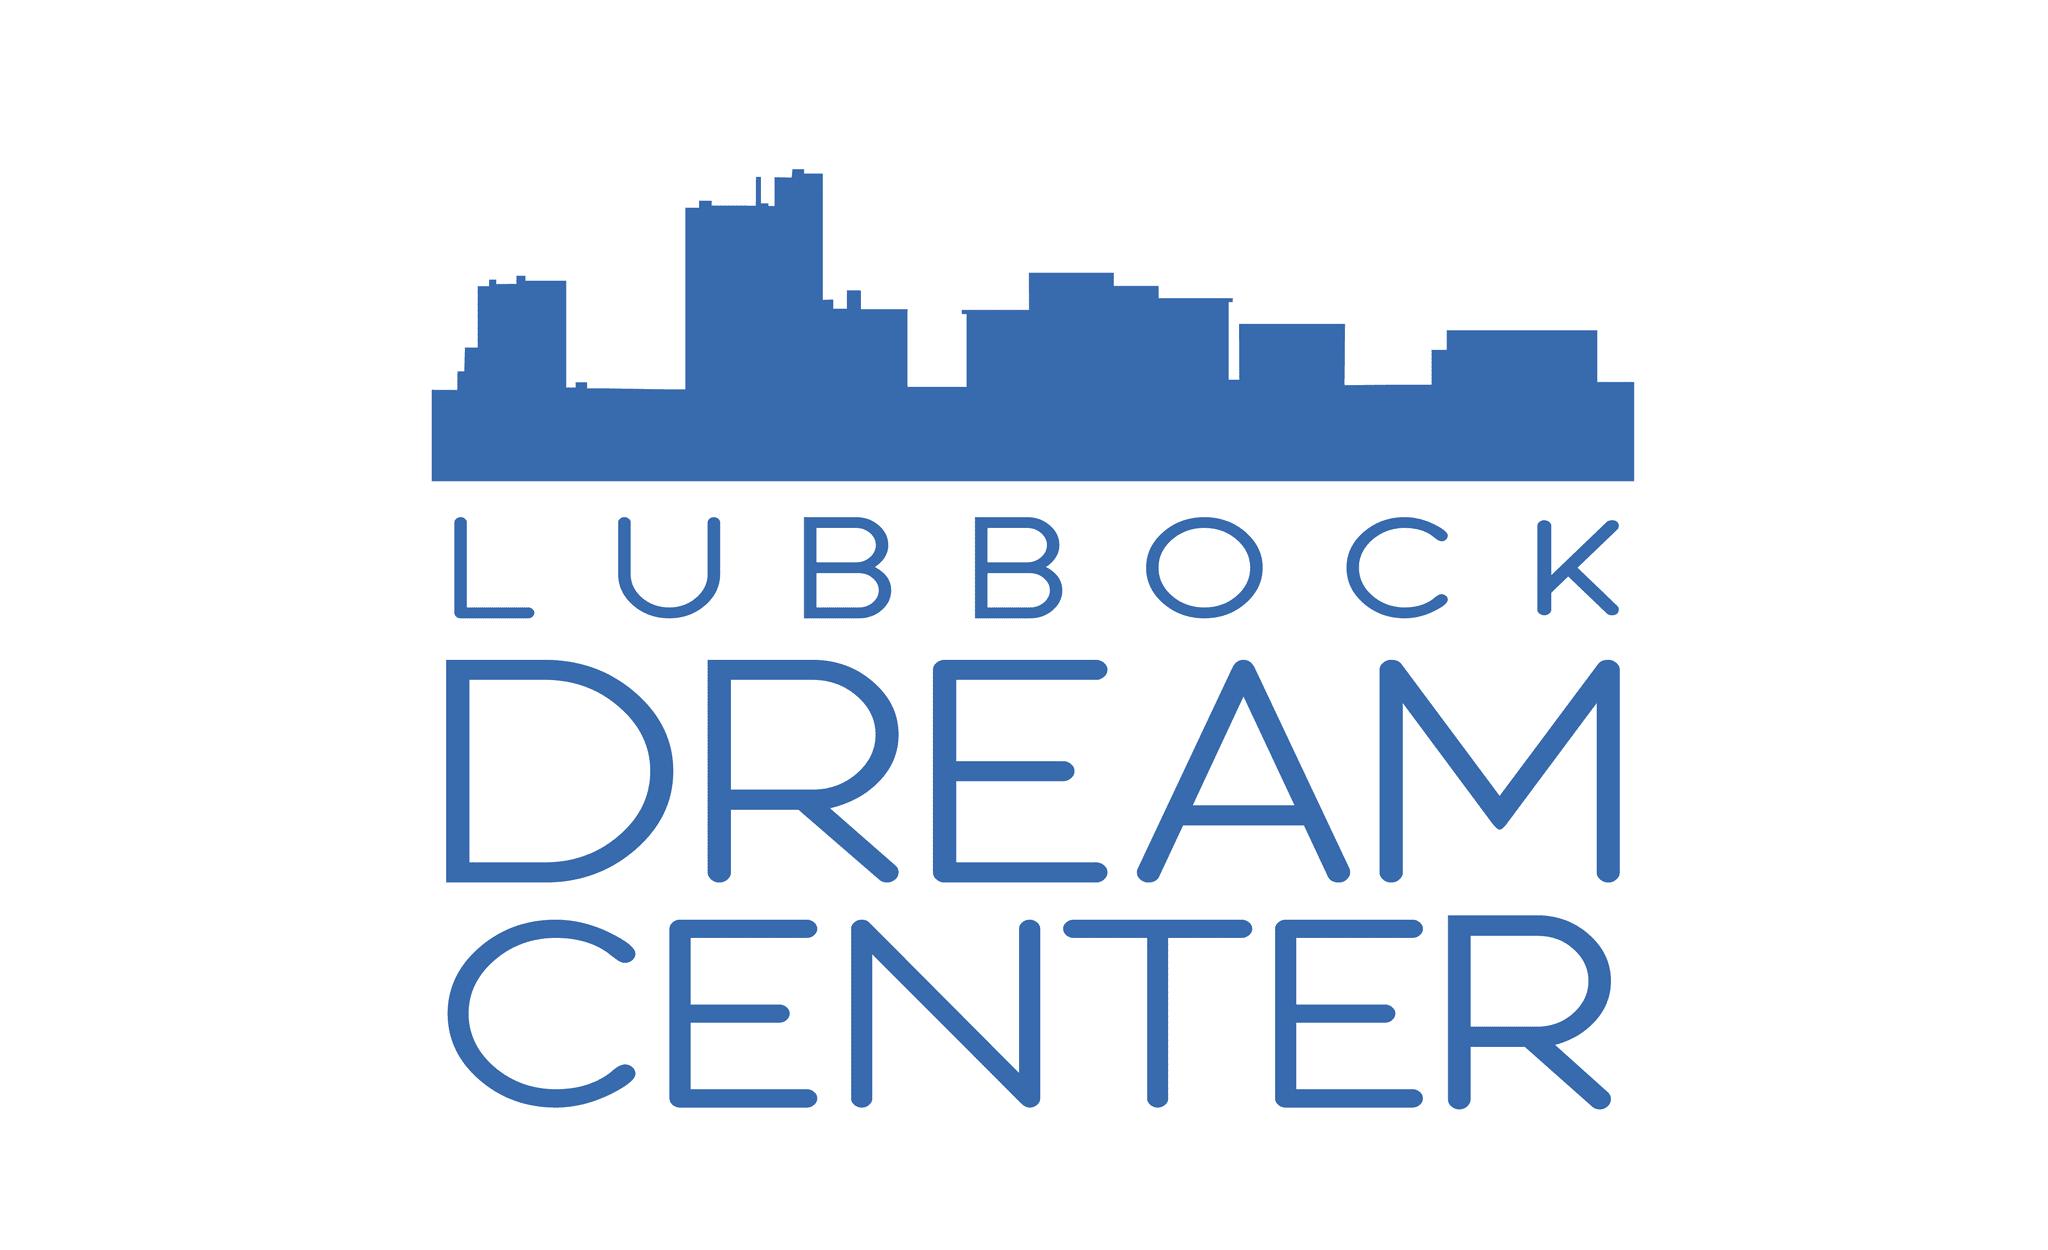 Lubbock Dream Center